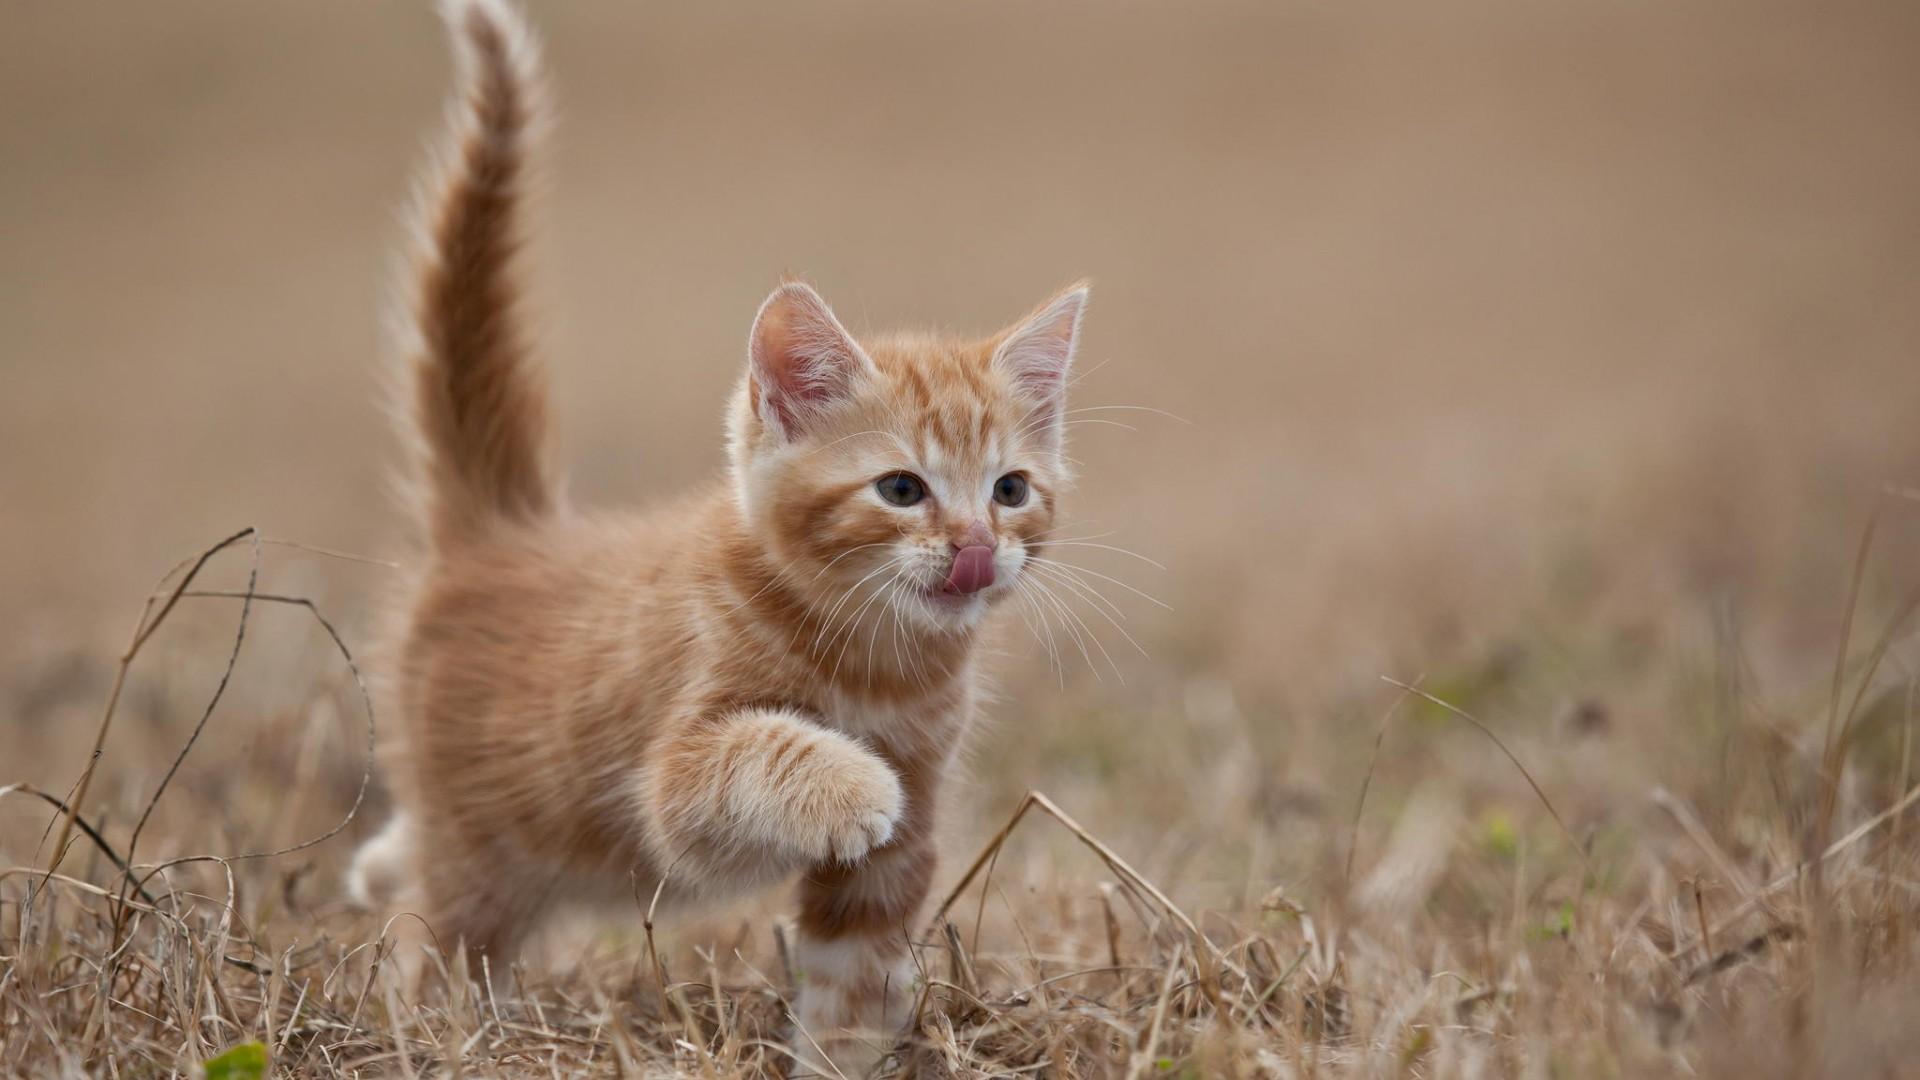 cute kitten wallpaper 15 photos